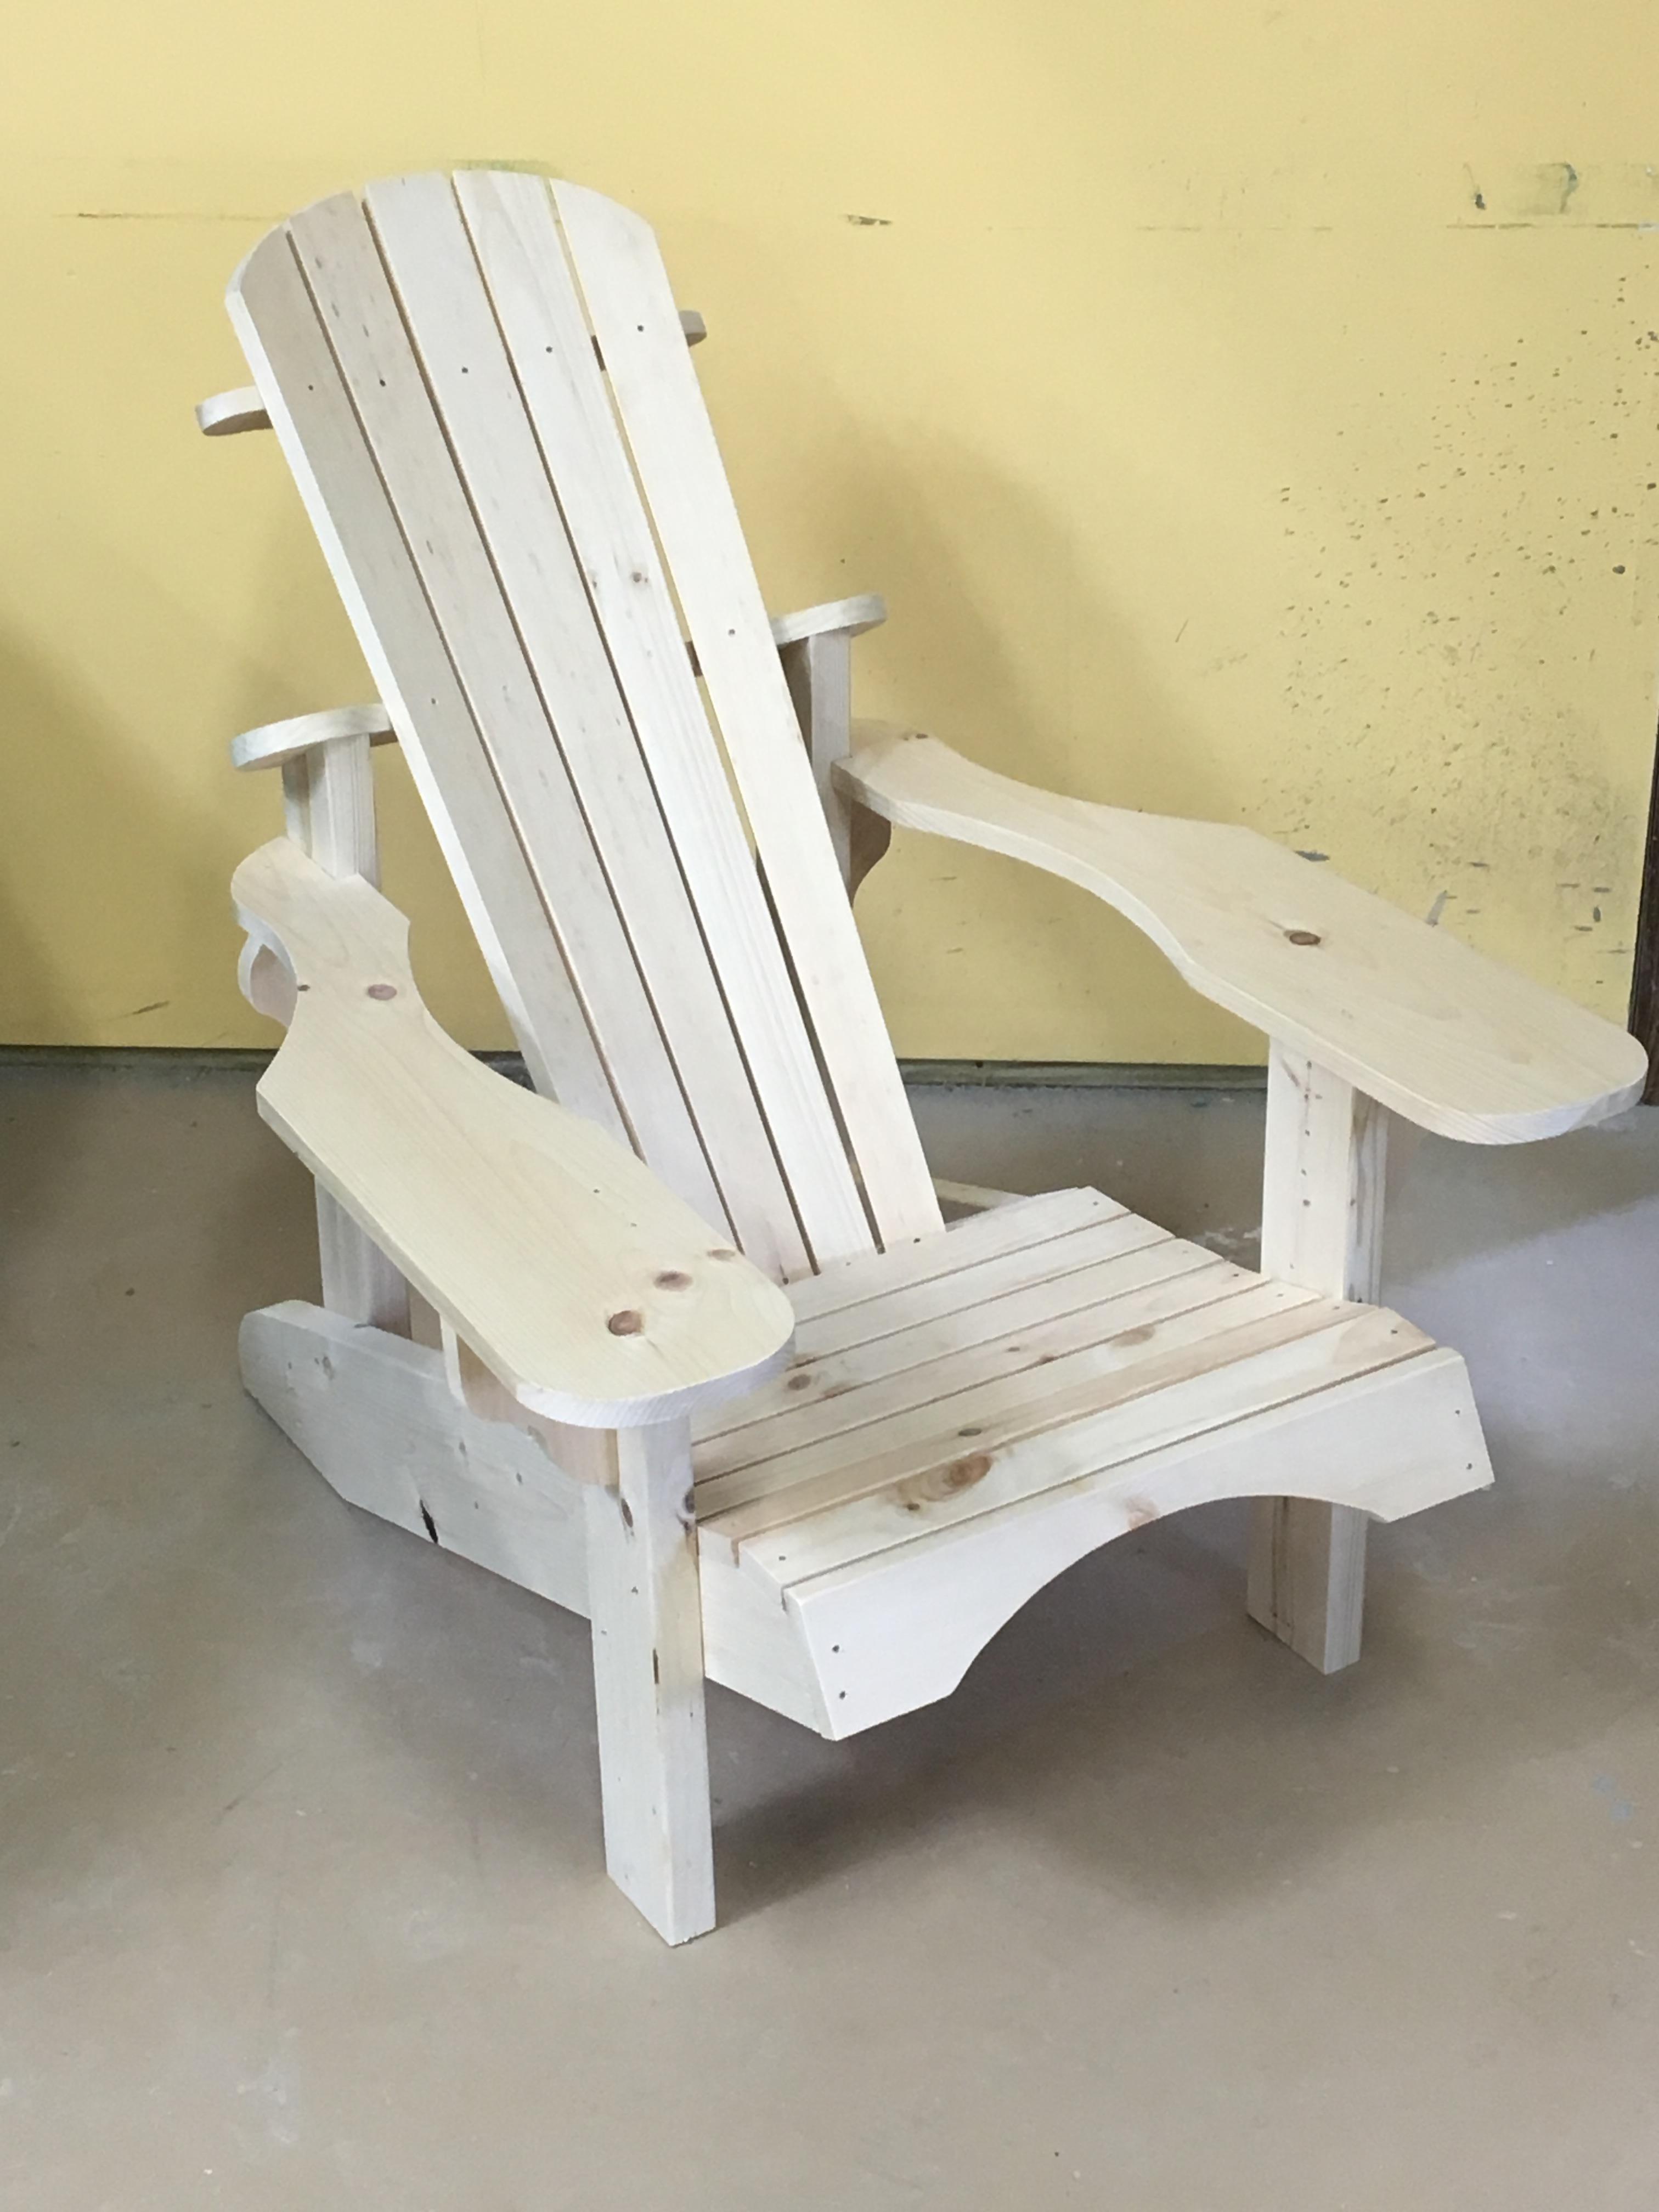 Child's Adirondack Chairs